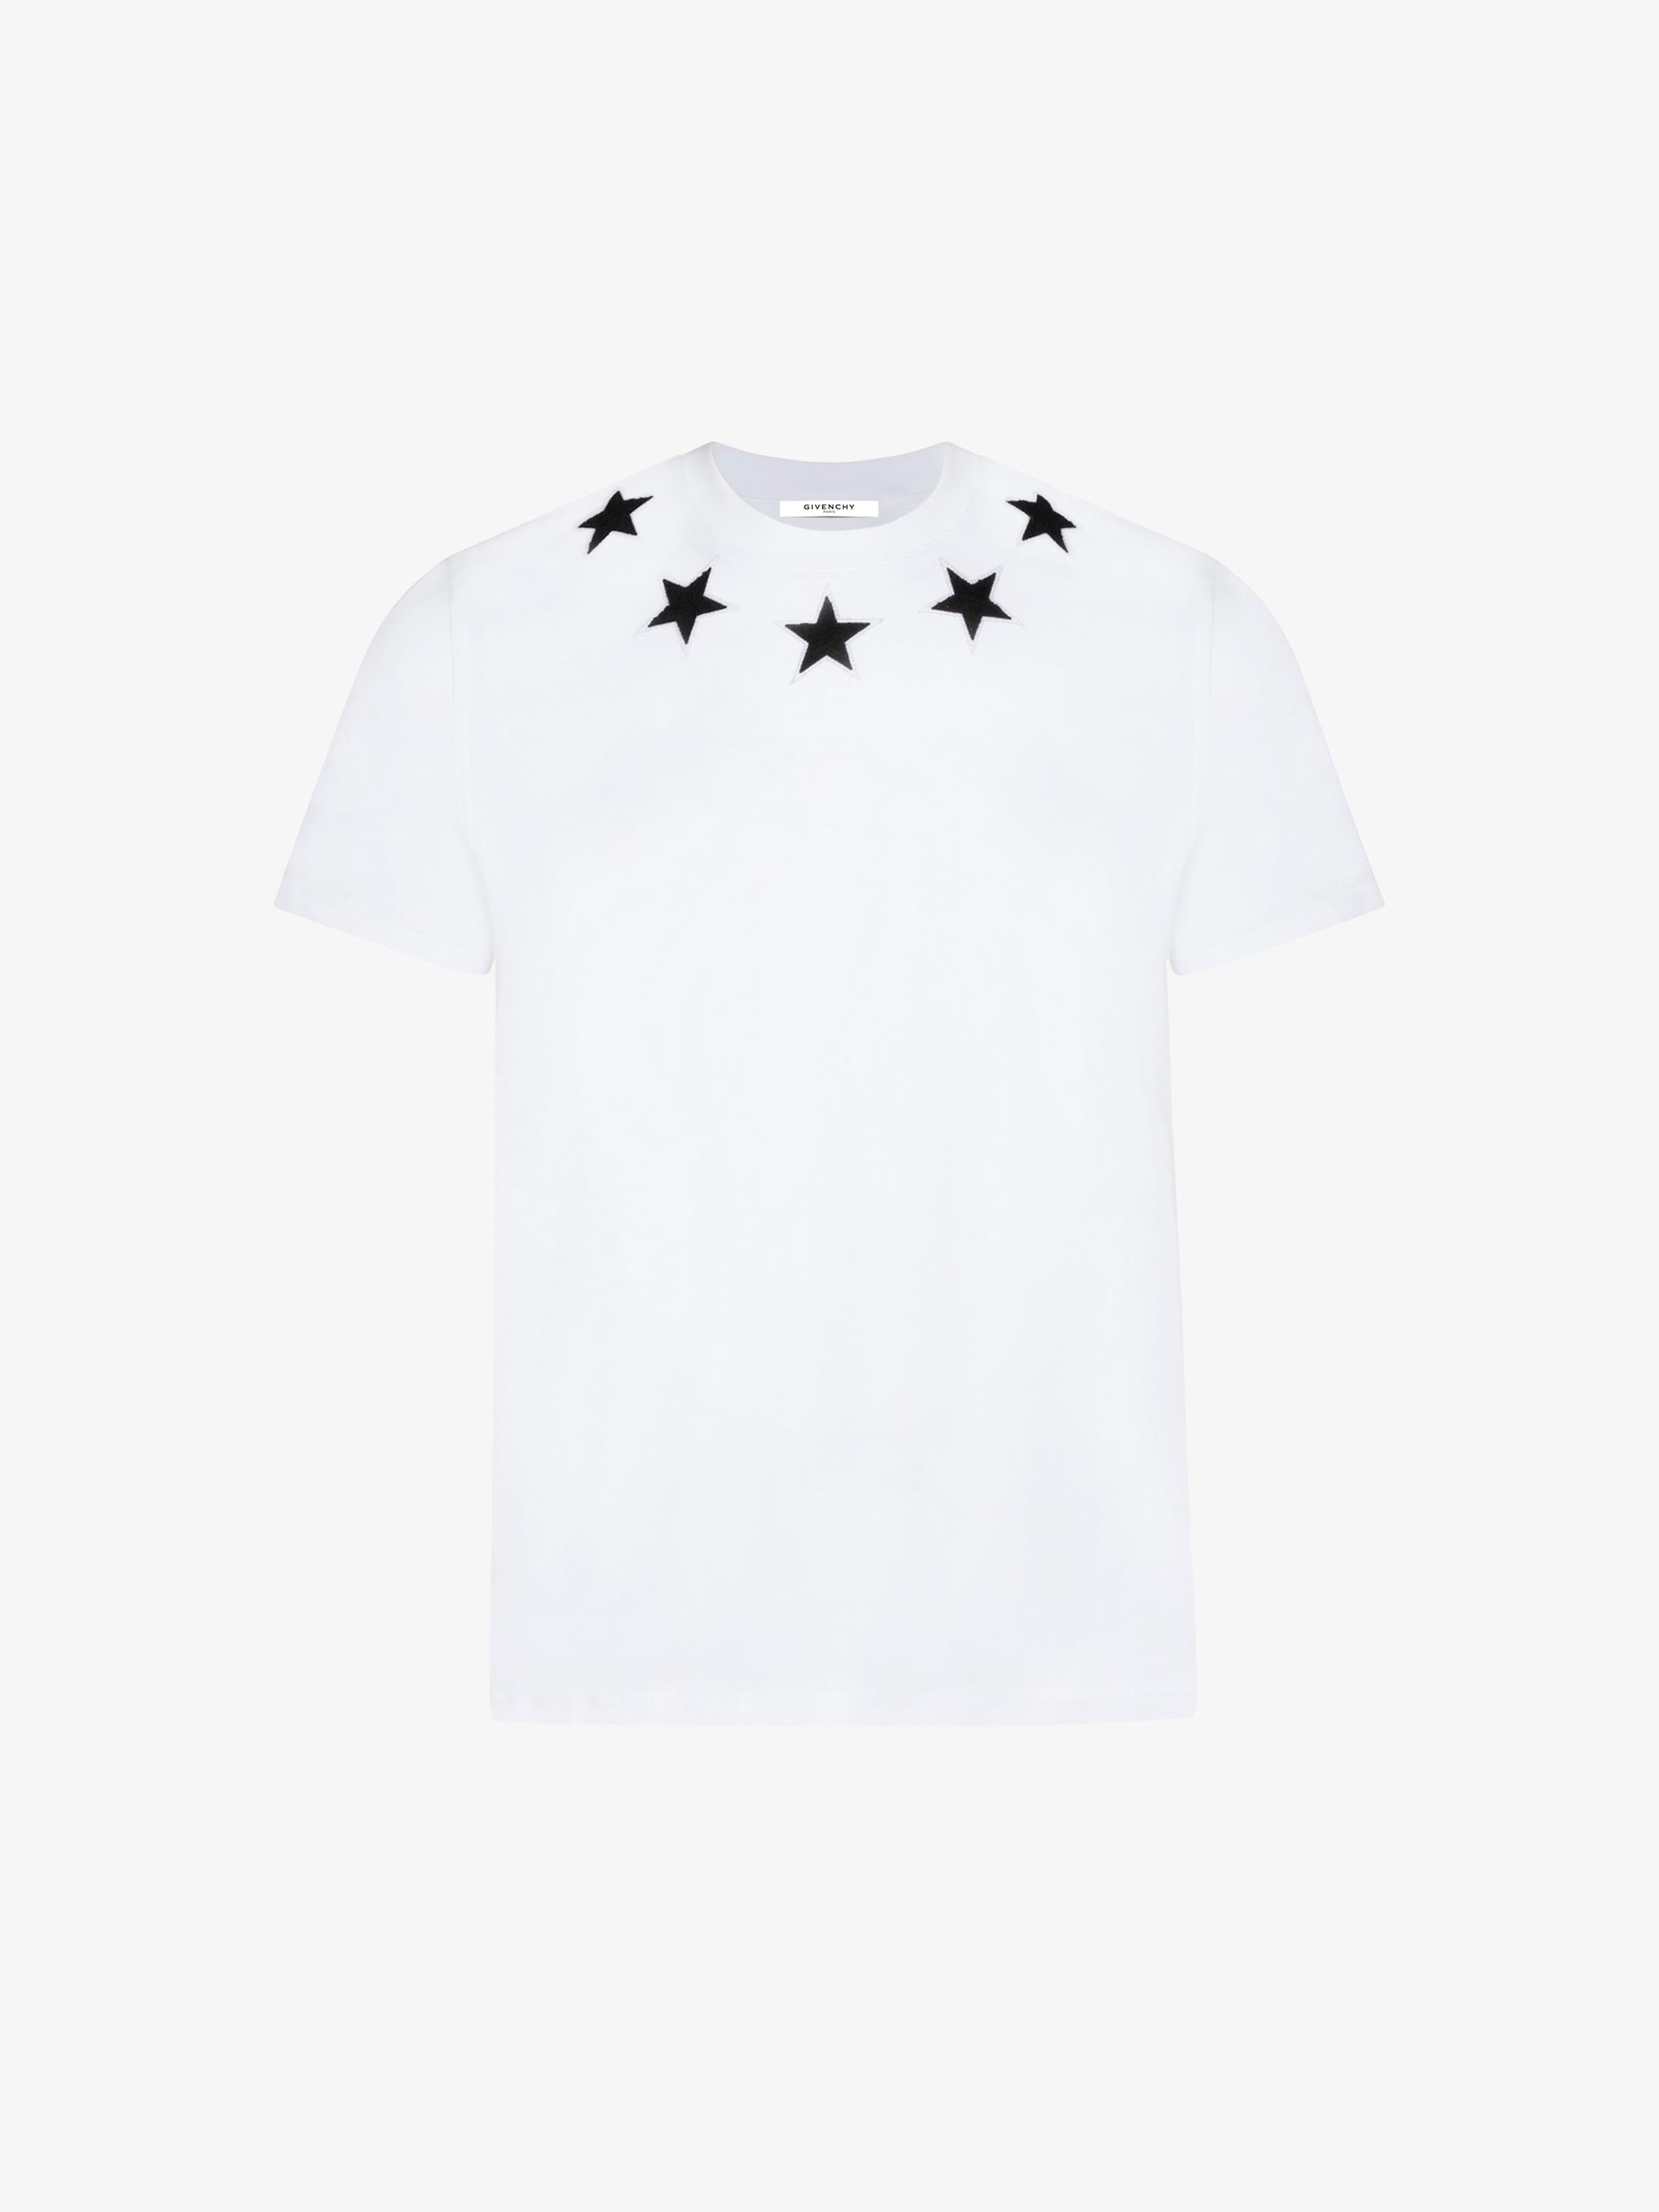 T-shirt broderies étoiles   GIVENCHY Paris 25e28287275